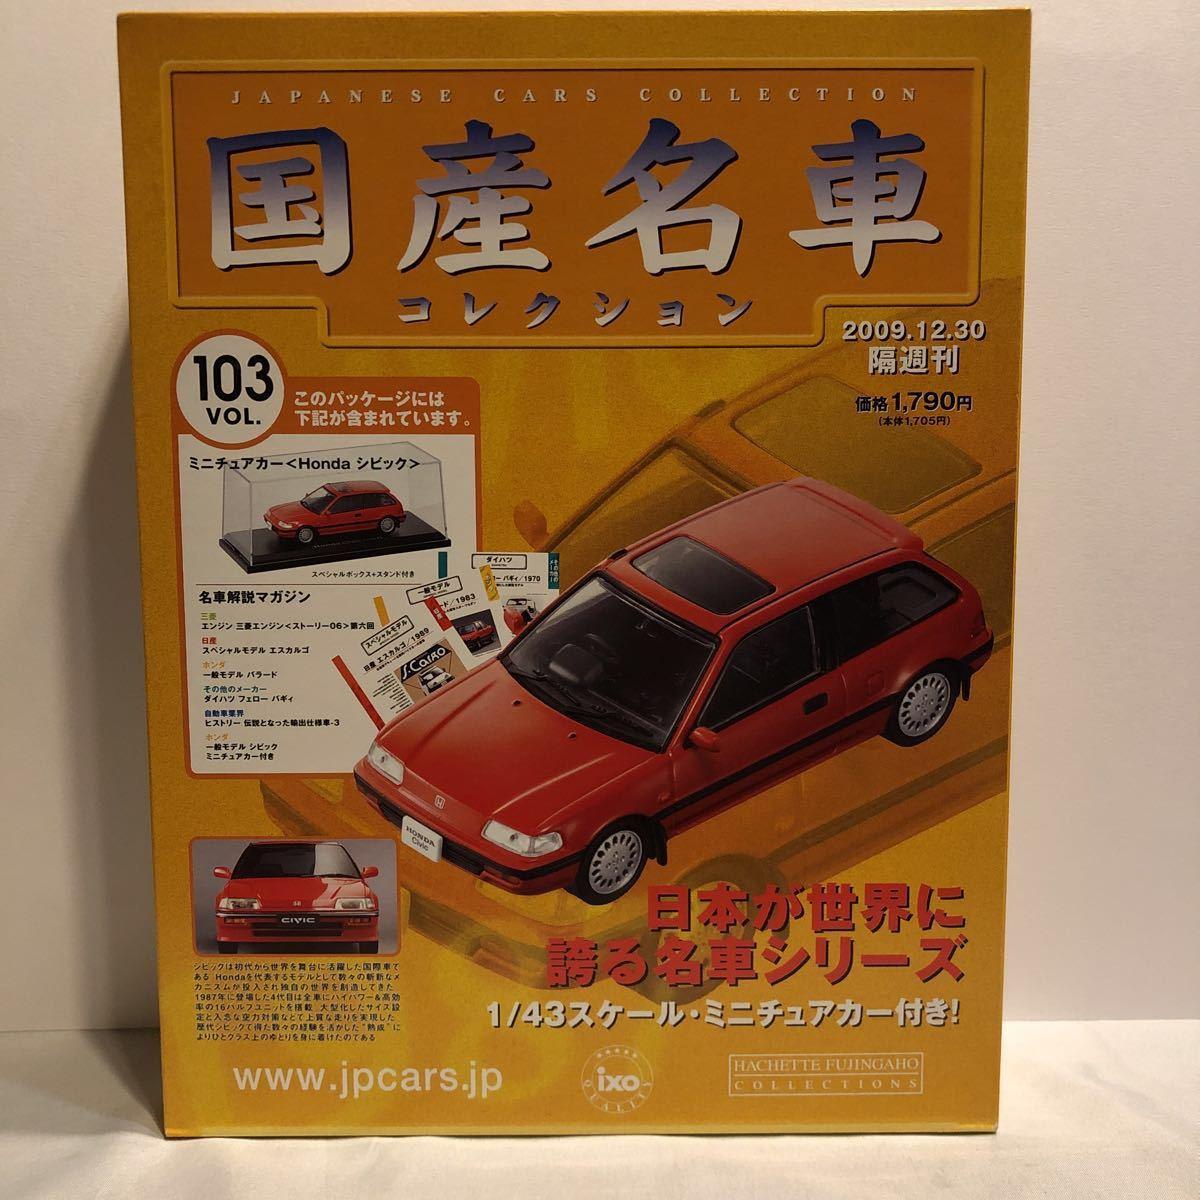 国産名車コレクション VOL.103 1/43 HONDA Civic 1987年 ホンダ シビック 赤色 レッド ミニカー モデルカー 旧車_画像1